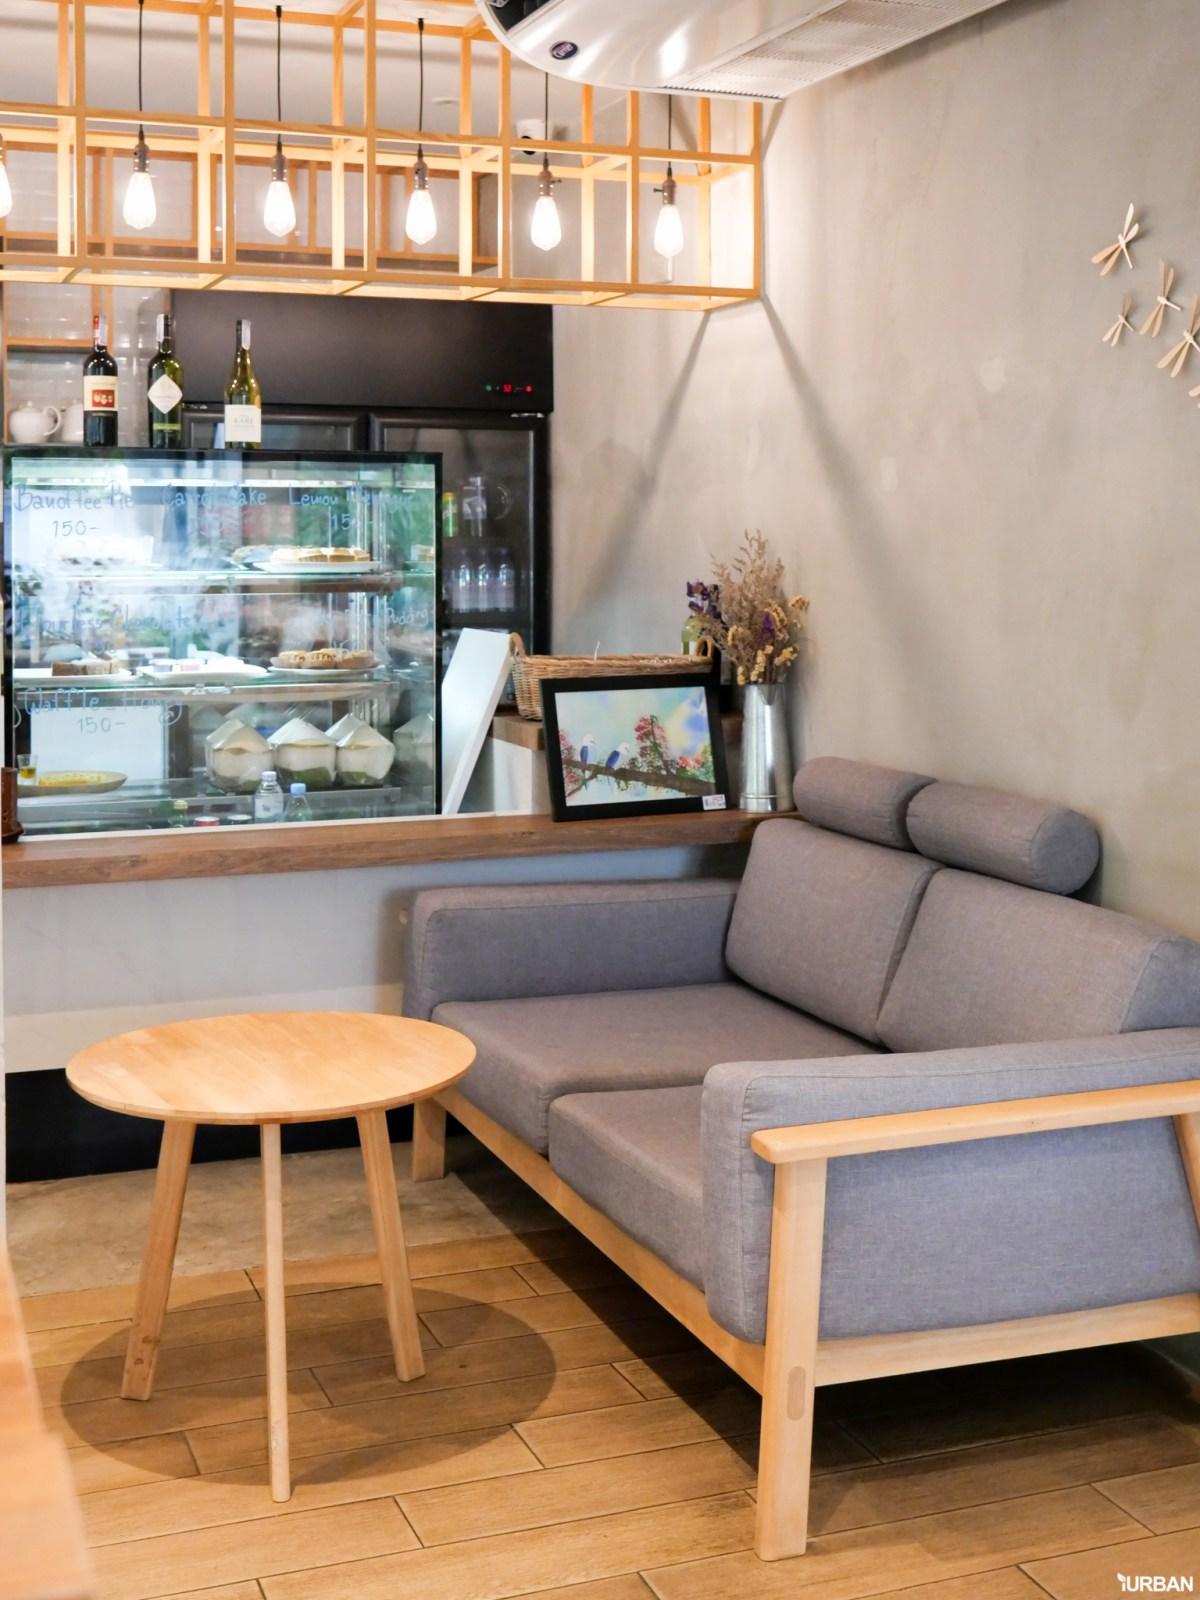 The Running Dog Cafe ร้านกาแฟ #หมาเข้าได้ สไตล์สถาปนิก ย่านสาทร 24 - cafe